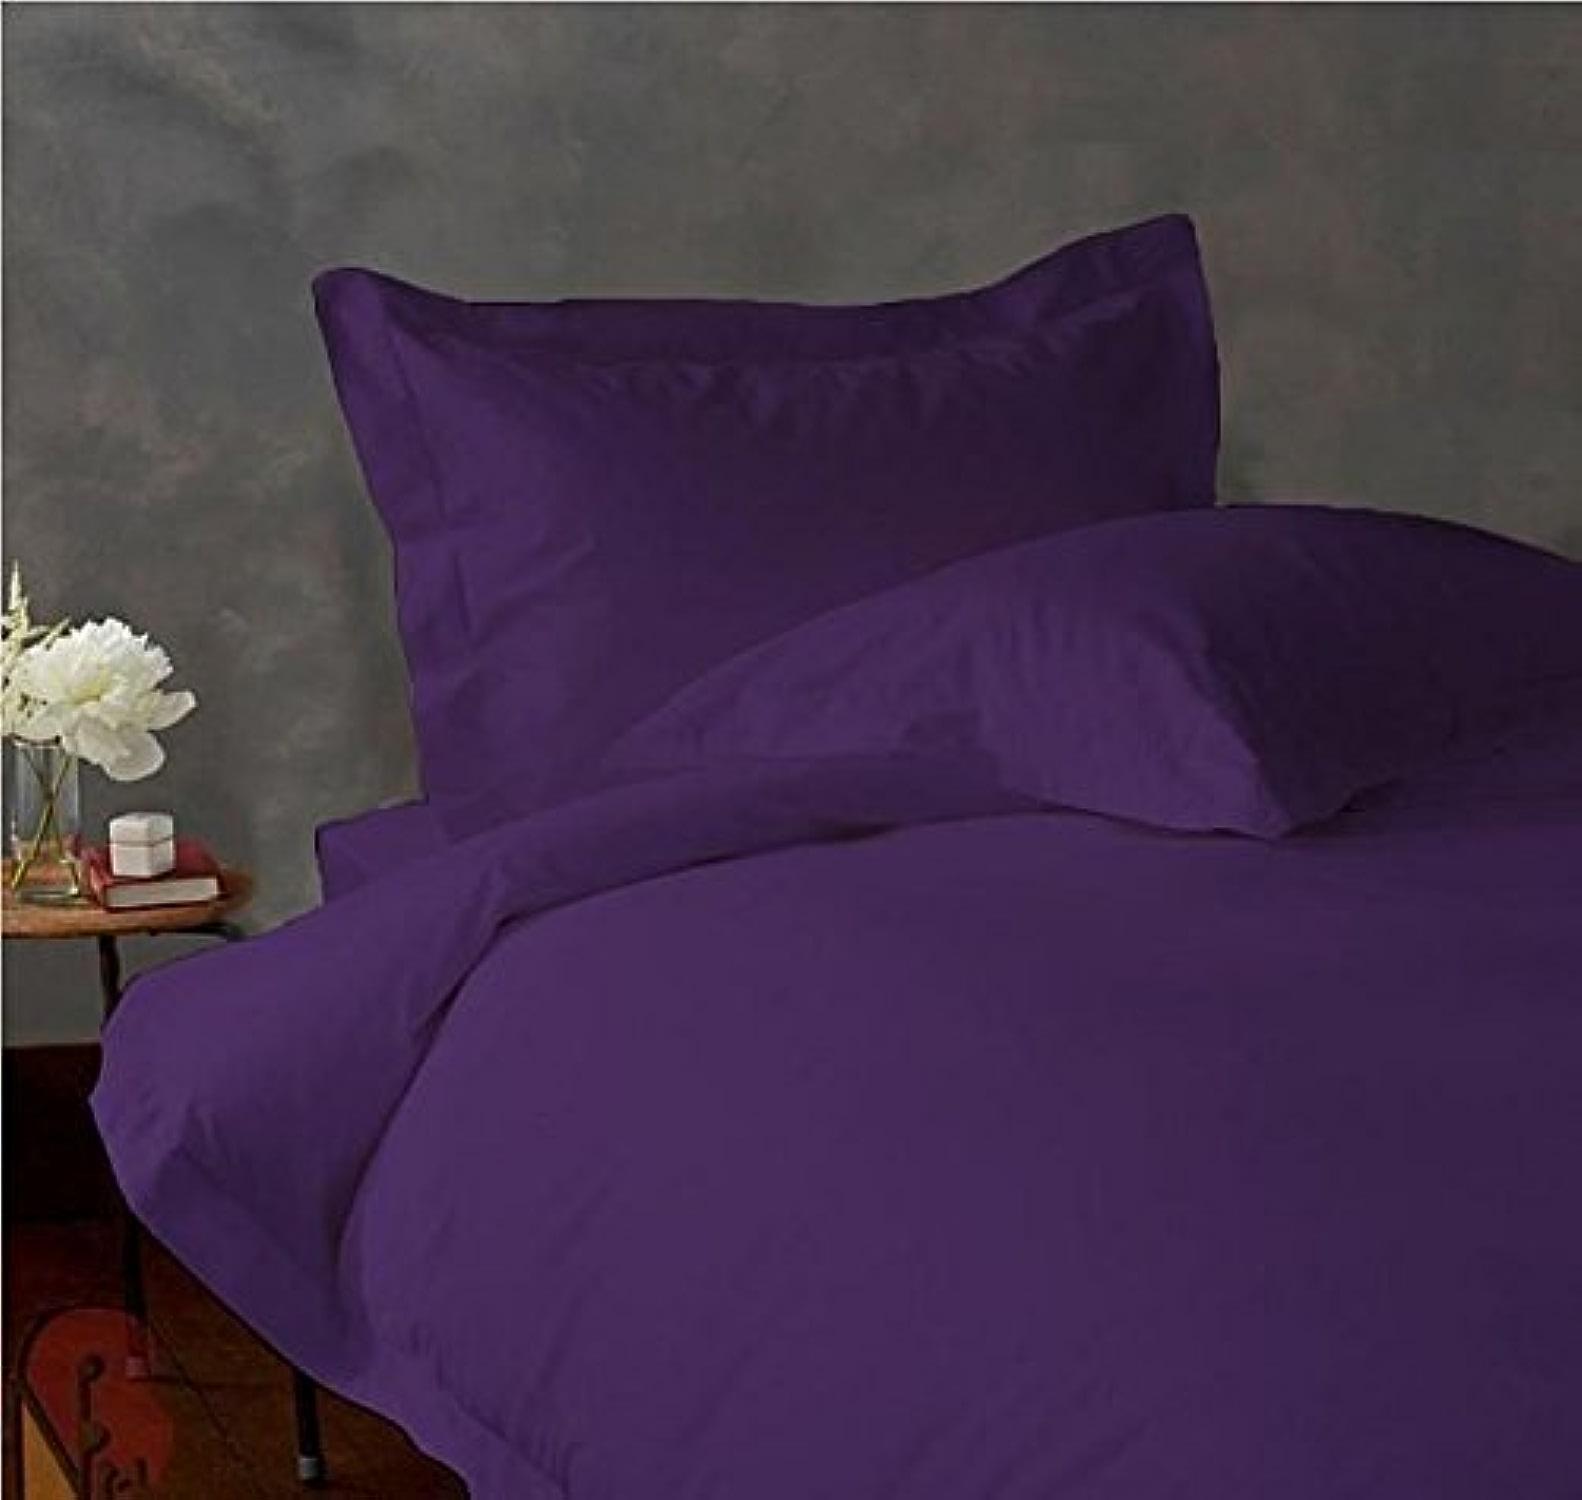 Housse de Couette -1PC 550tc Italien Finition Violet foncé Solide Couleur Taille Super-King 100% Coton égypcravaten en Paradis d'outre-mer